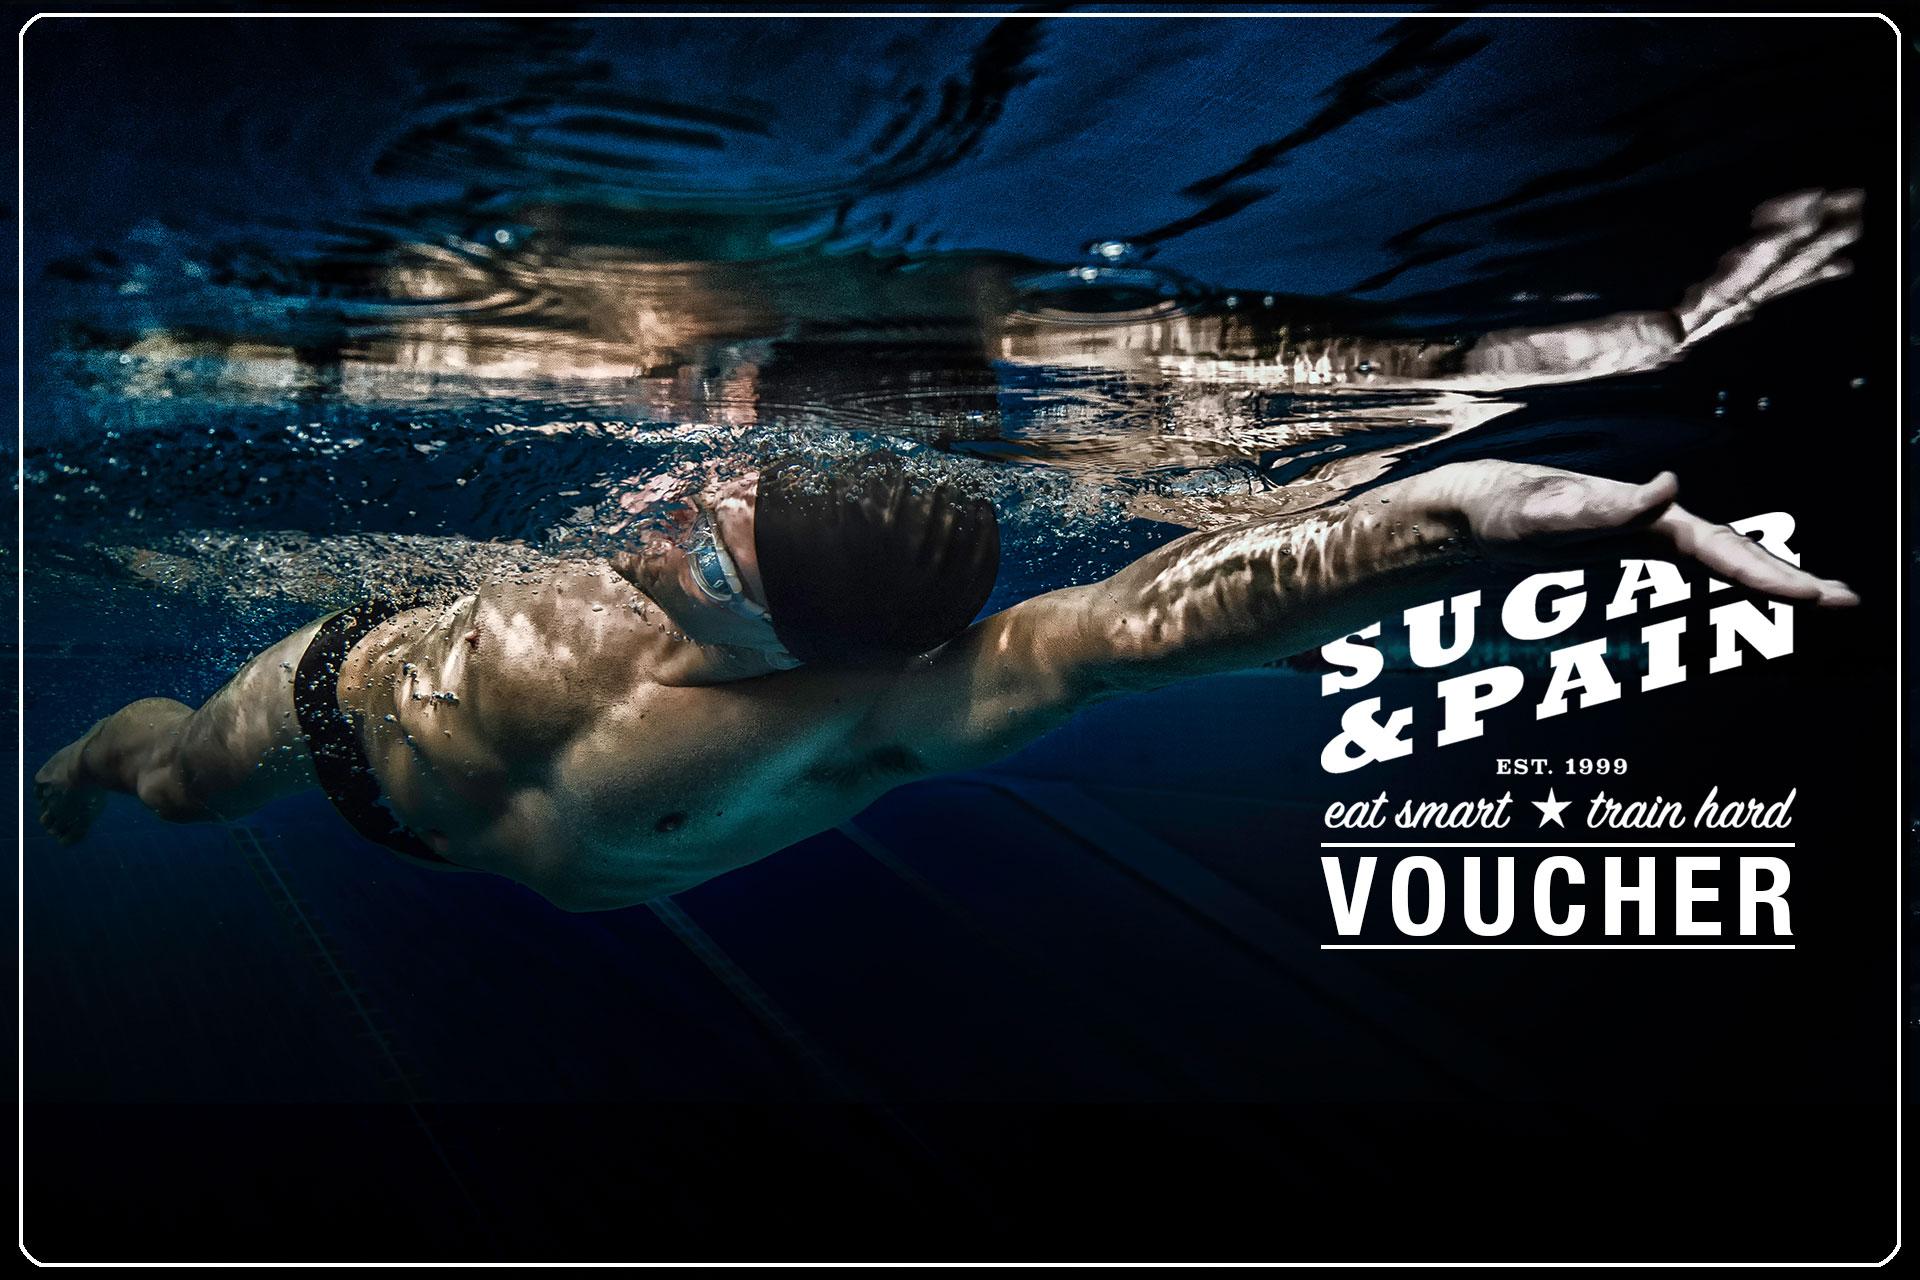 SUGAR & PAIN VOUCHER Besser richtig schenken mit unsreren Triathlon Coaching Gutscheinen für Schwimmseminar, Trainingslager, Ernährungsberatung und vieles mehr … FRONTSIDE © stefandrexl.com